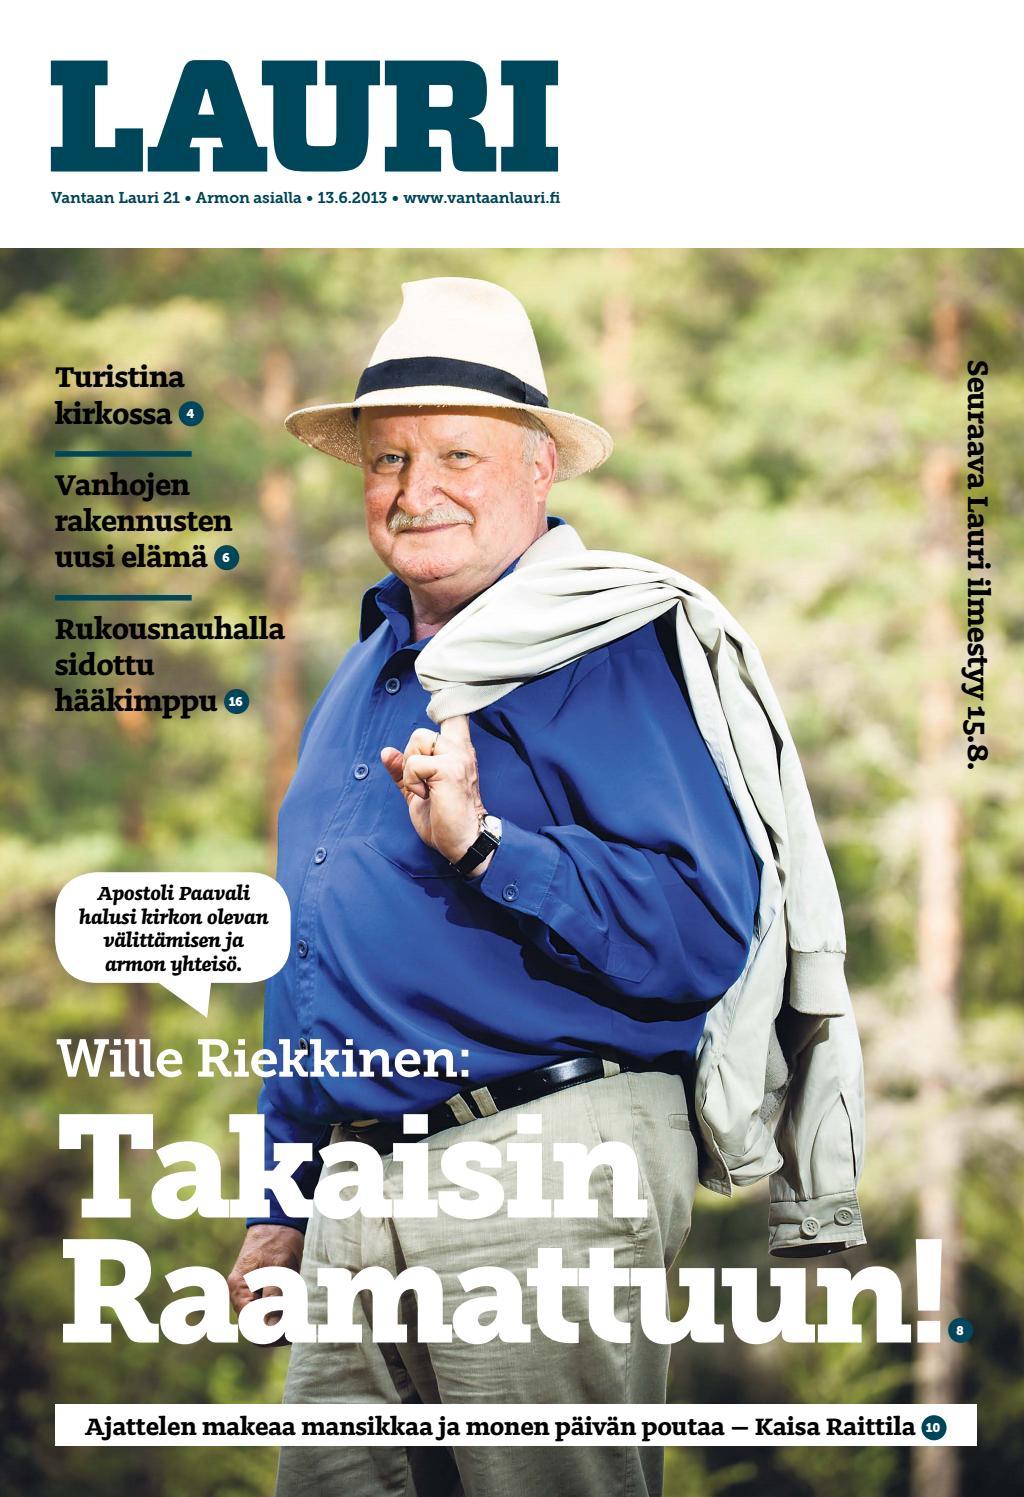 Lauri 2013 nro 21 (13 6) by Kirkko ja kaupunki - Issuu  Lauri 2013 nro ...